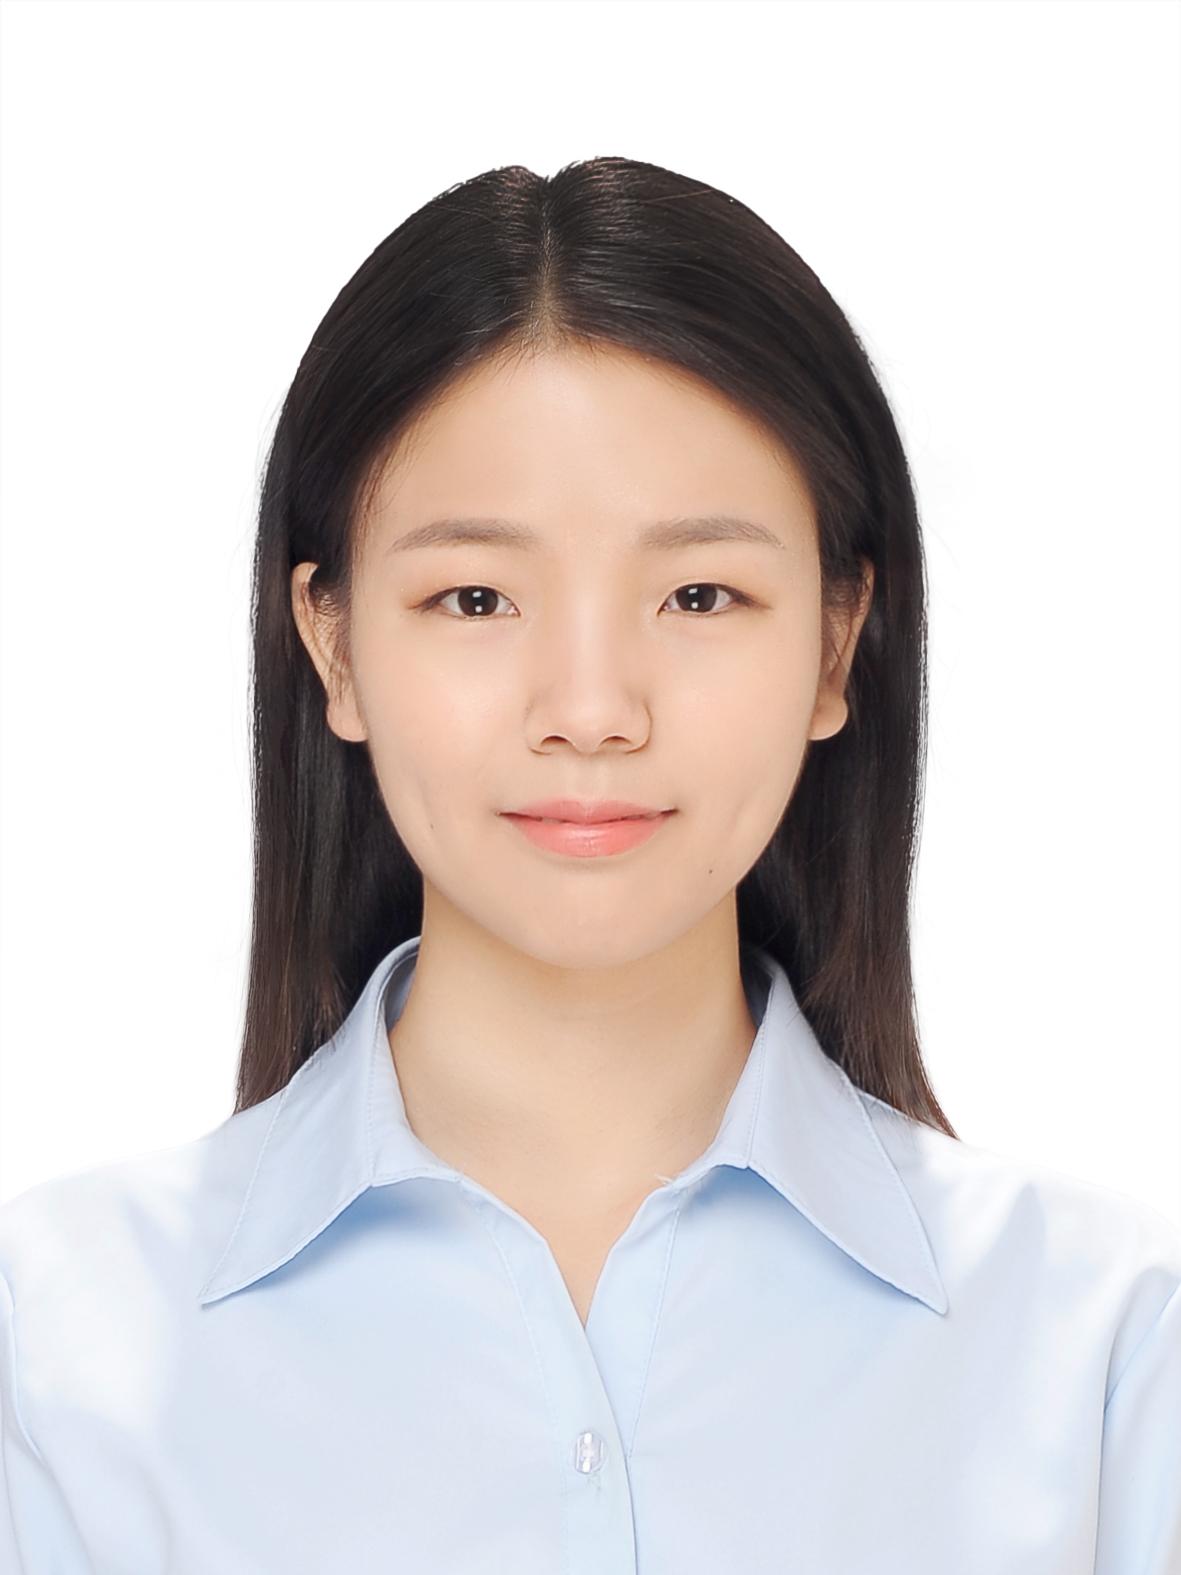 深圳家教吴教员